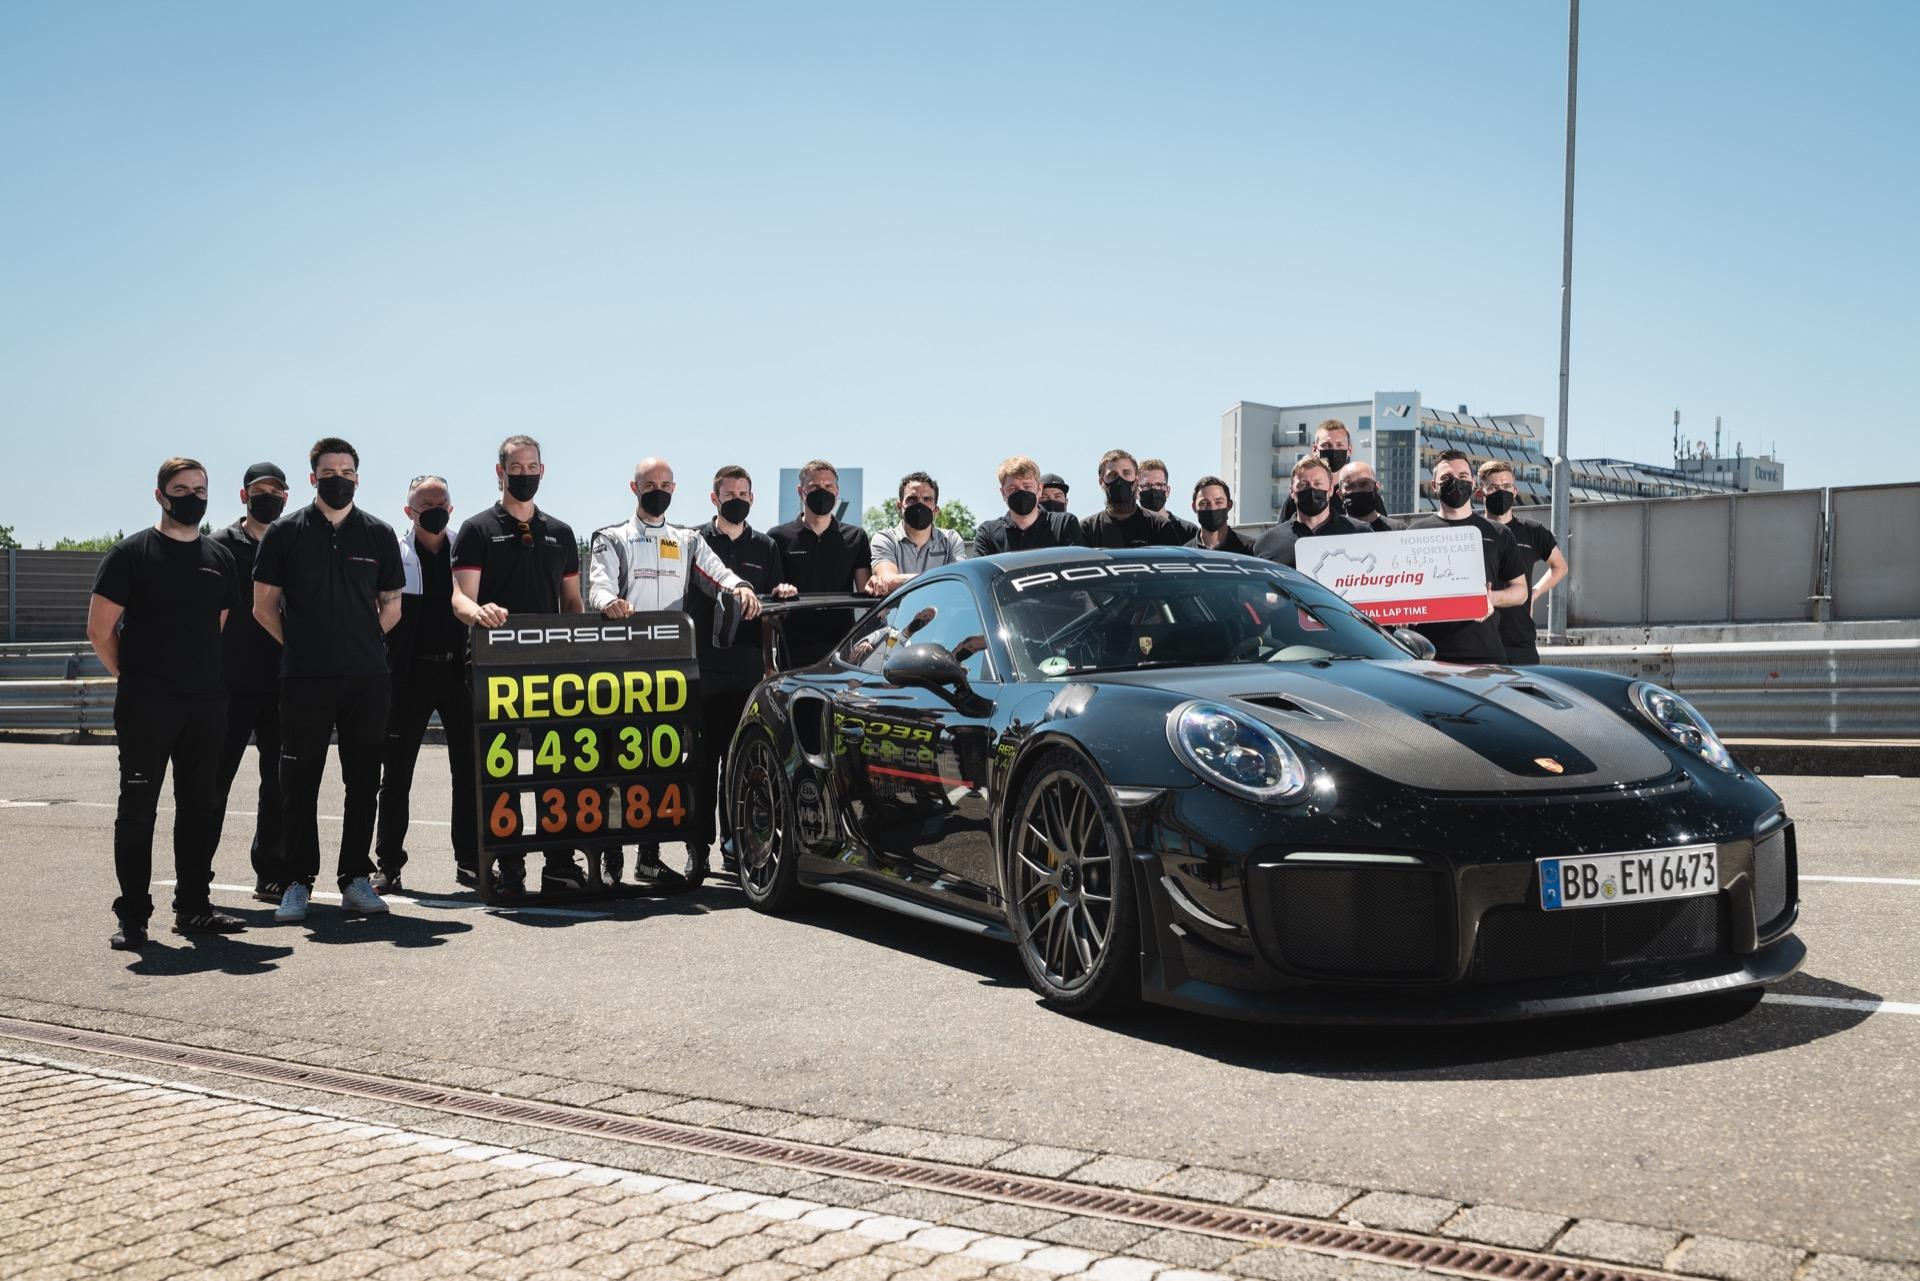 Porsche 911 Record 3